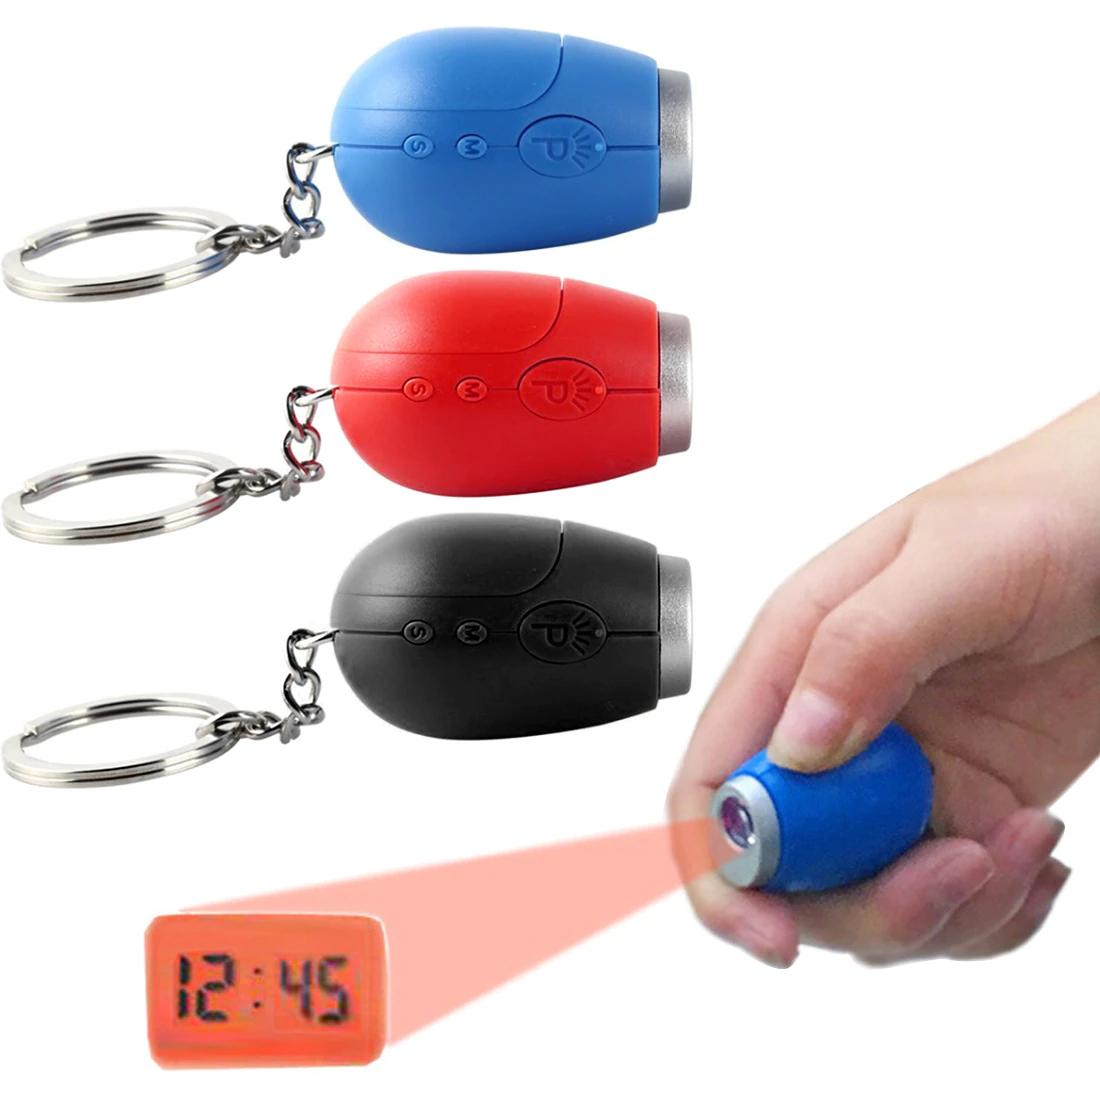 Porte-clés mini-projecteur d'horloge LED - différents coloris